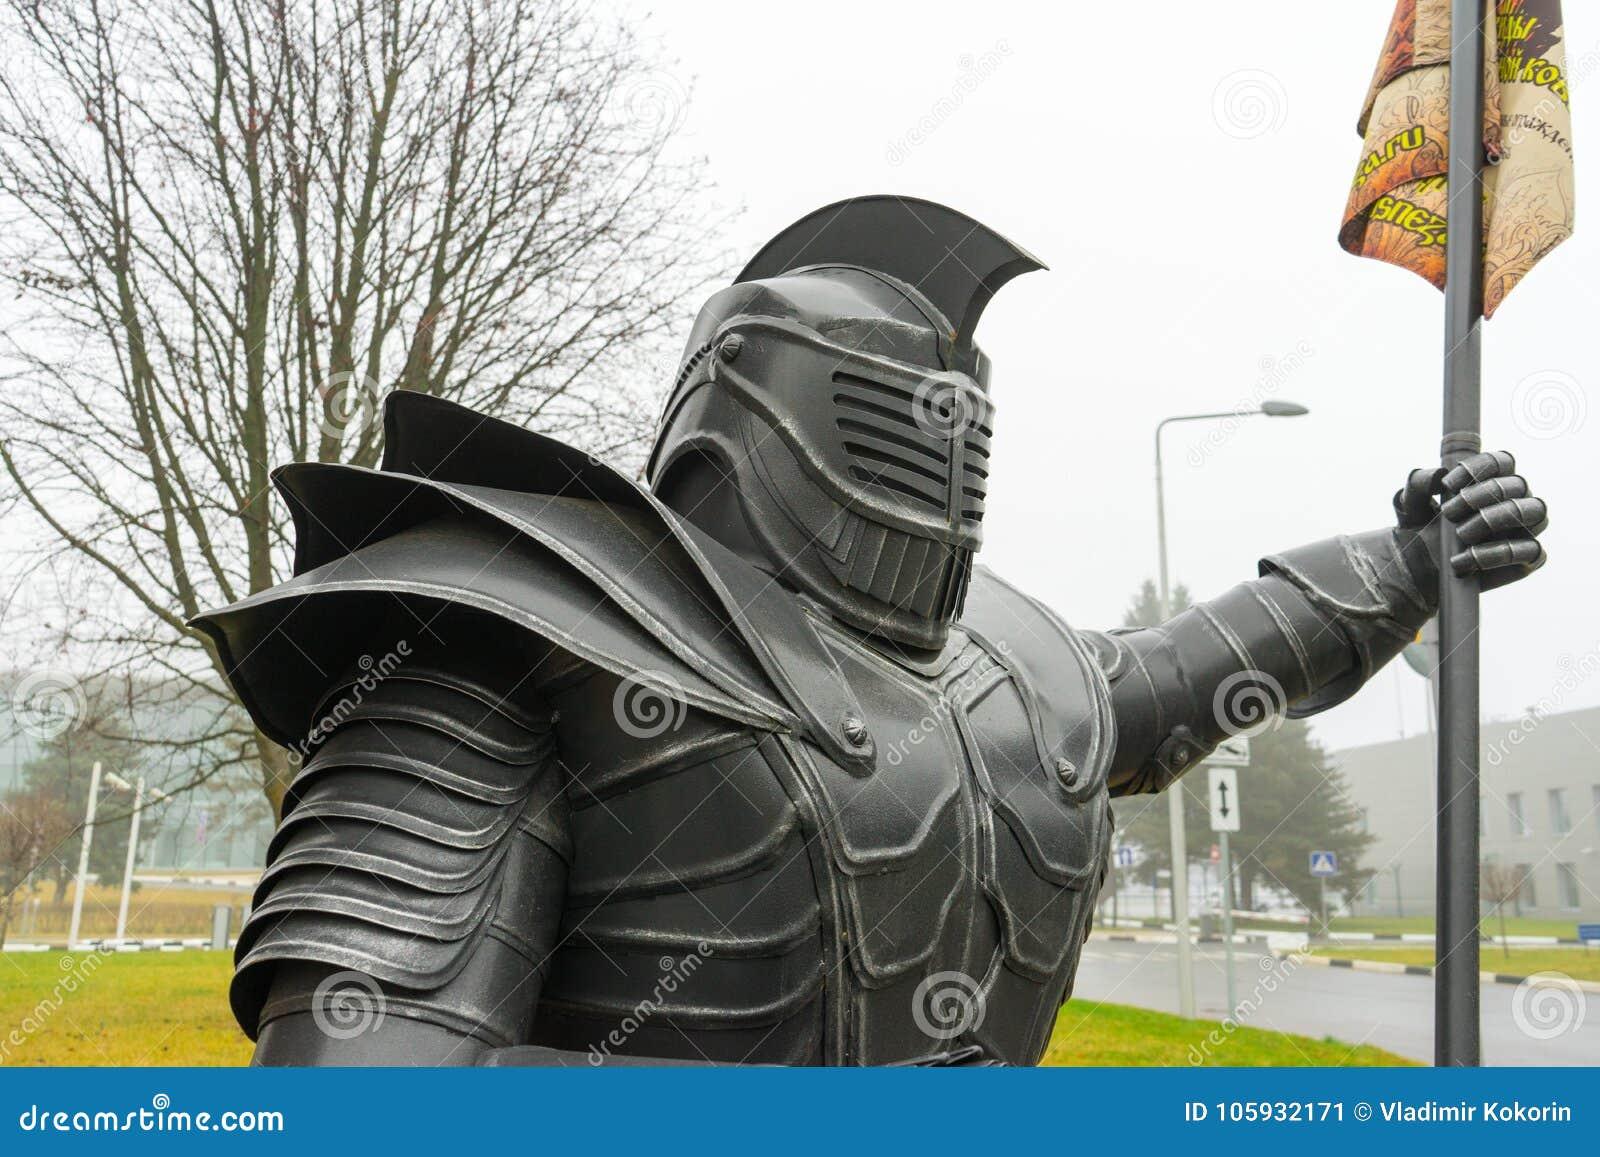 Statyn av riddaren Diagramet av en man i metallharnesk